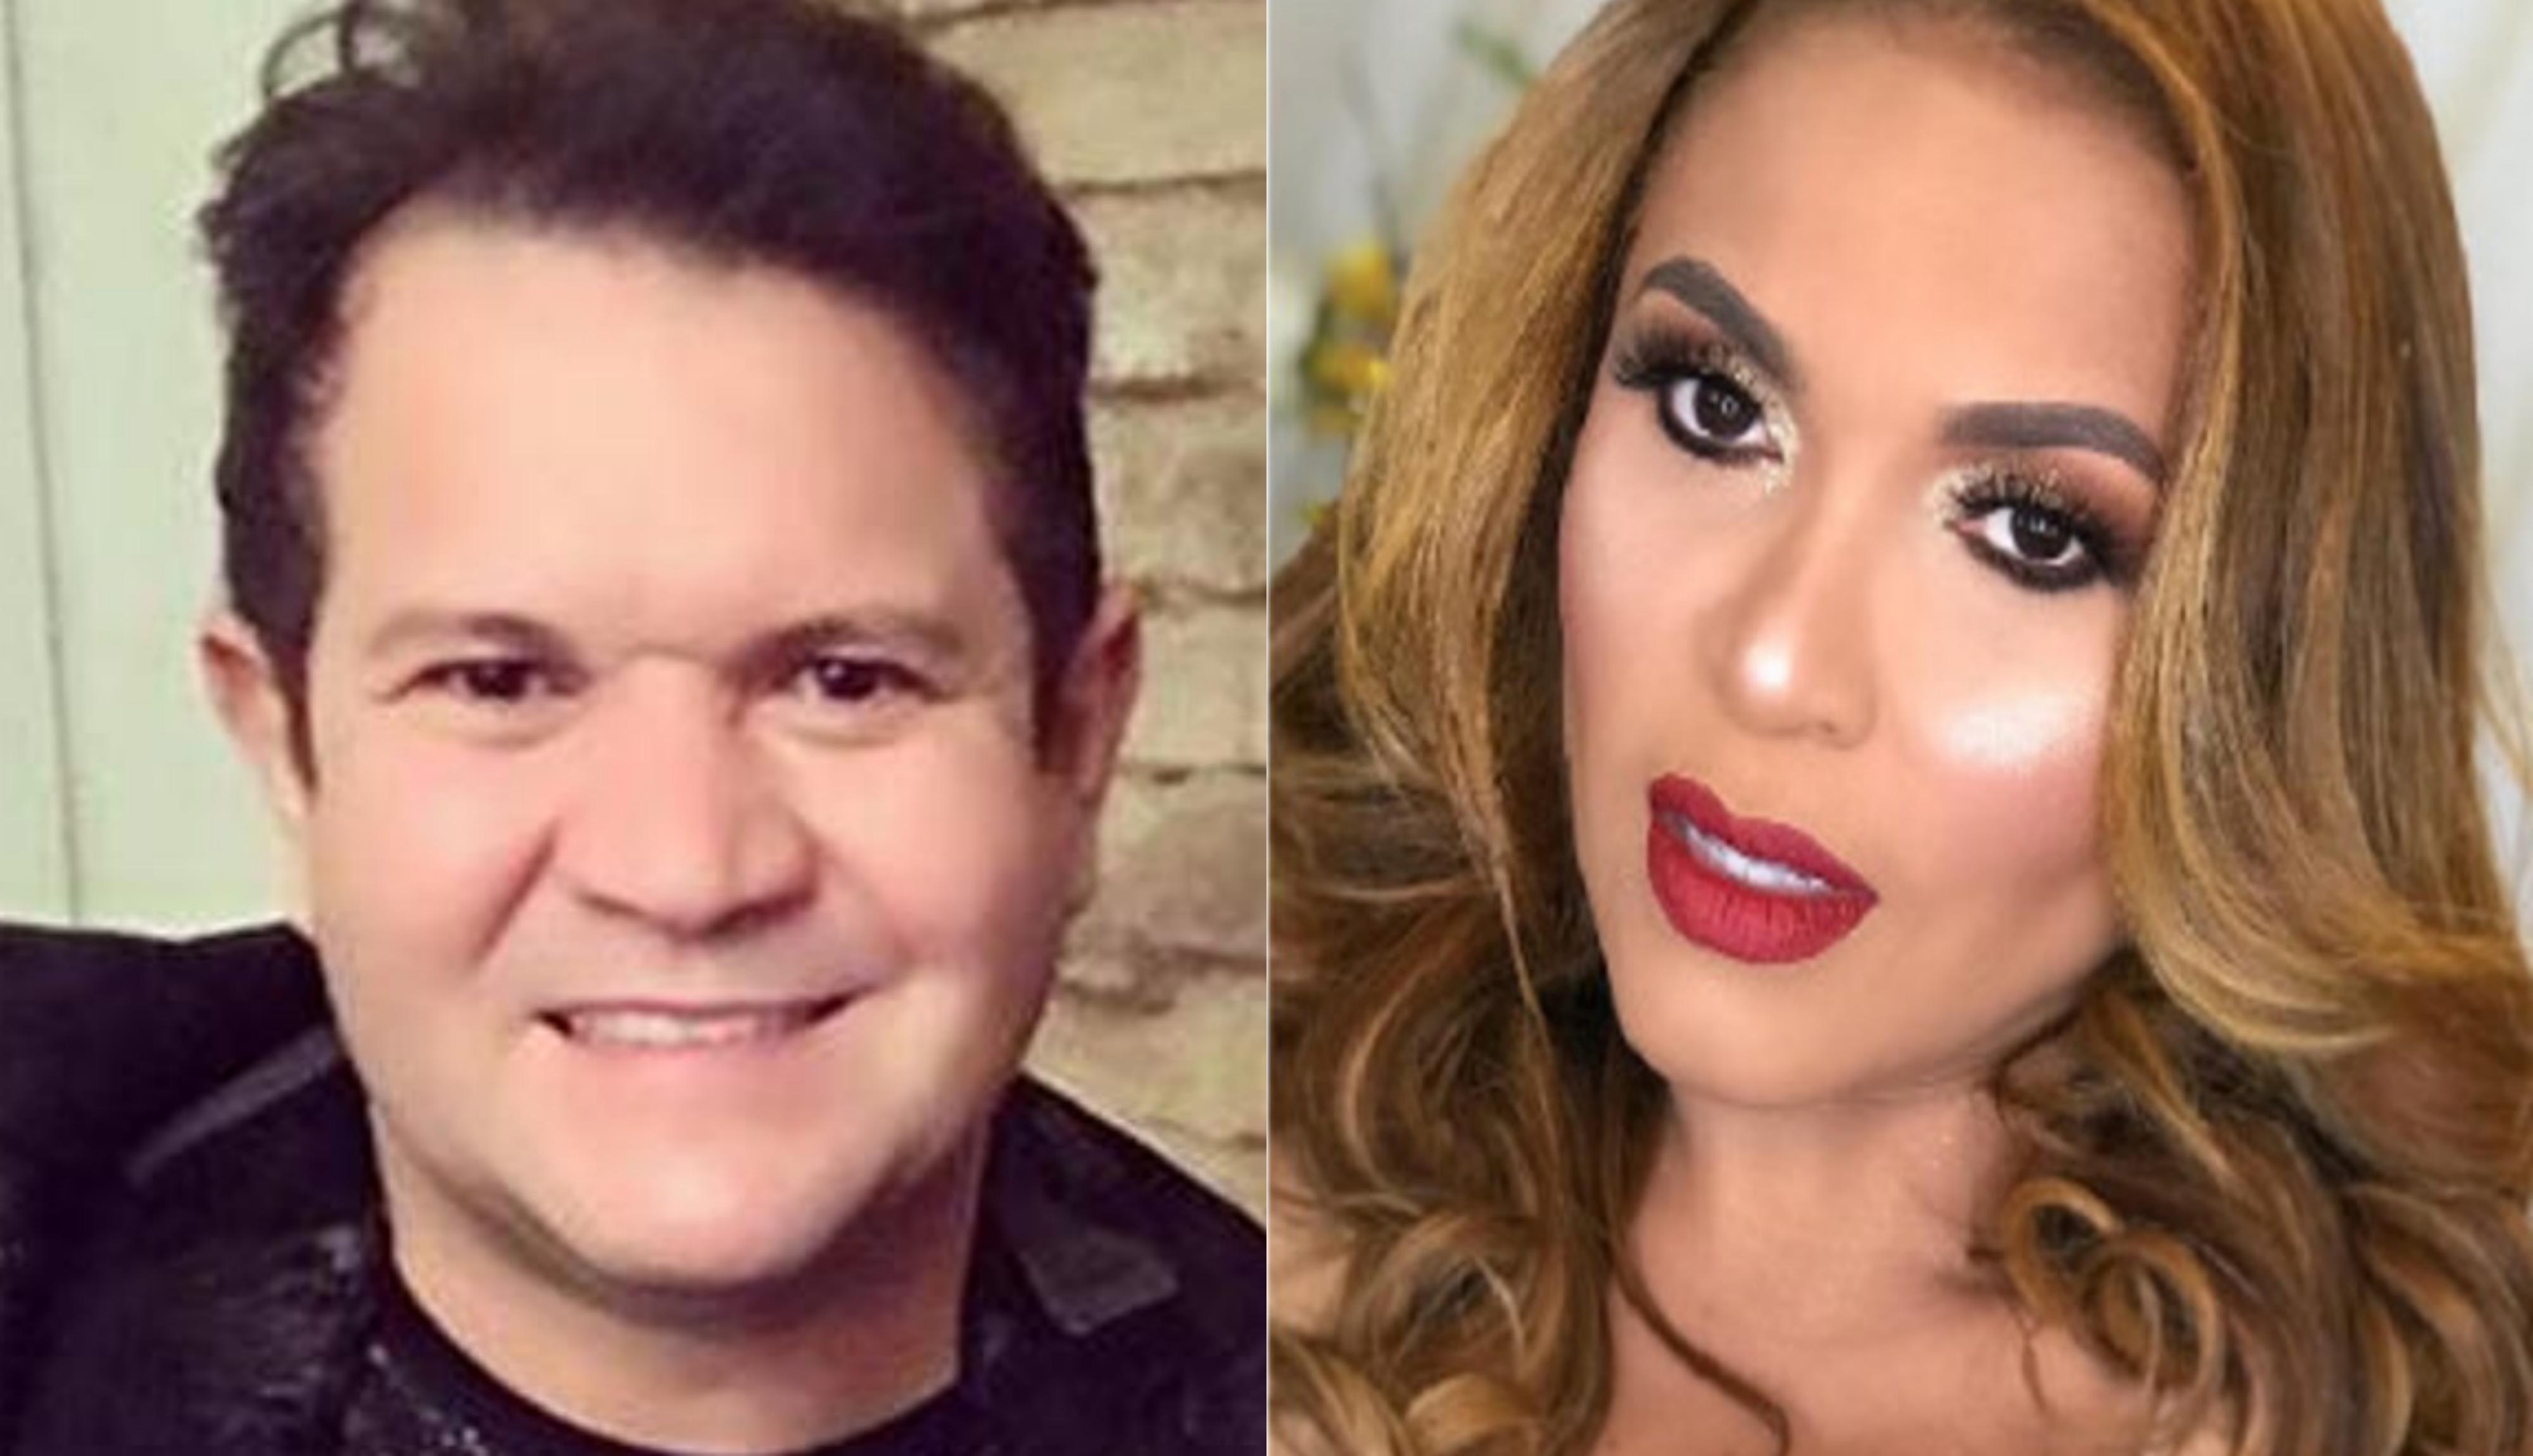 Após ser acusado de de agressão por Joelma, o famoso empresário e ex-guitarrista da Banda Calypso, Ximbinha voltou a ser acusada pela atual cantora do grupo Carla Maues (Foto: Montagem TV Foco)